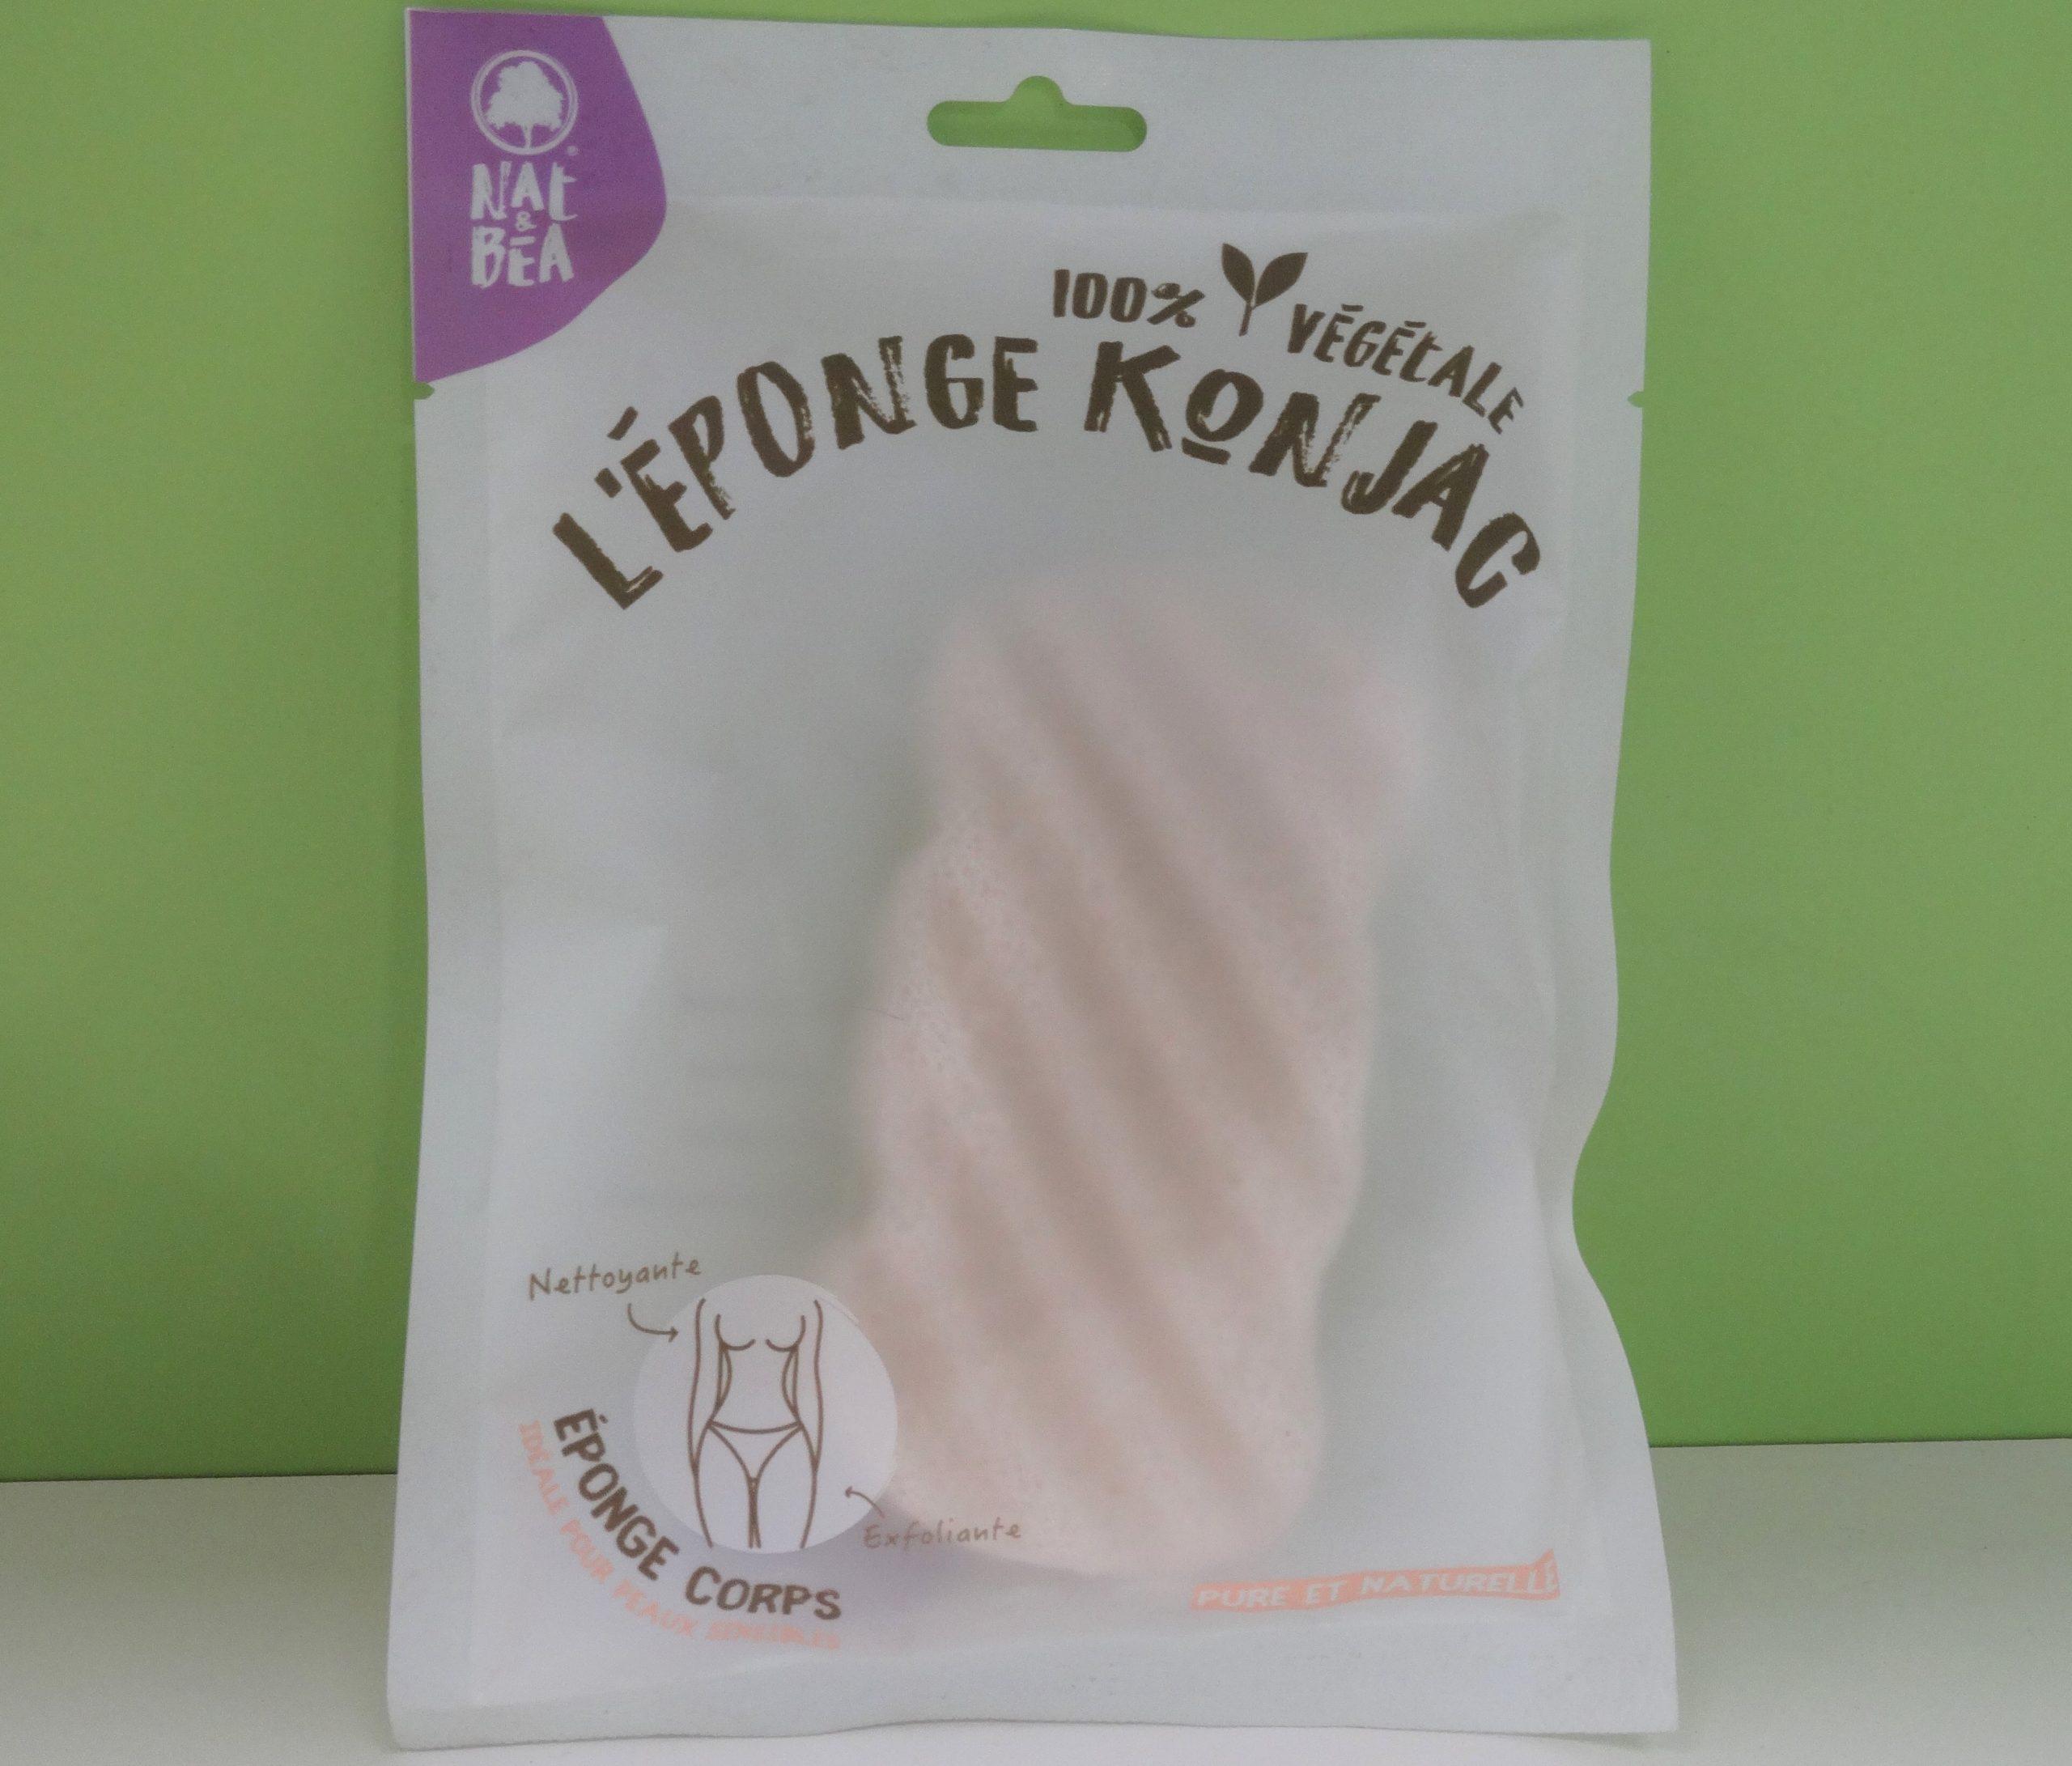 Éponge Konjac pour Corps et Visage Exfoliation naturelle et nettoyage des pores en profondeur Pour Tous Les Types de Peau en 100% Pure Naturelle Extra Doux Nettoyante.